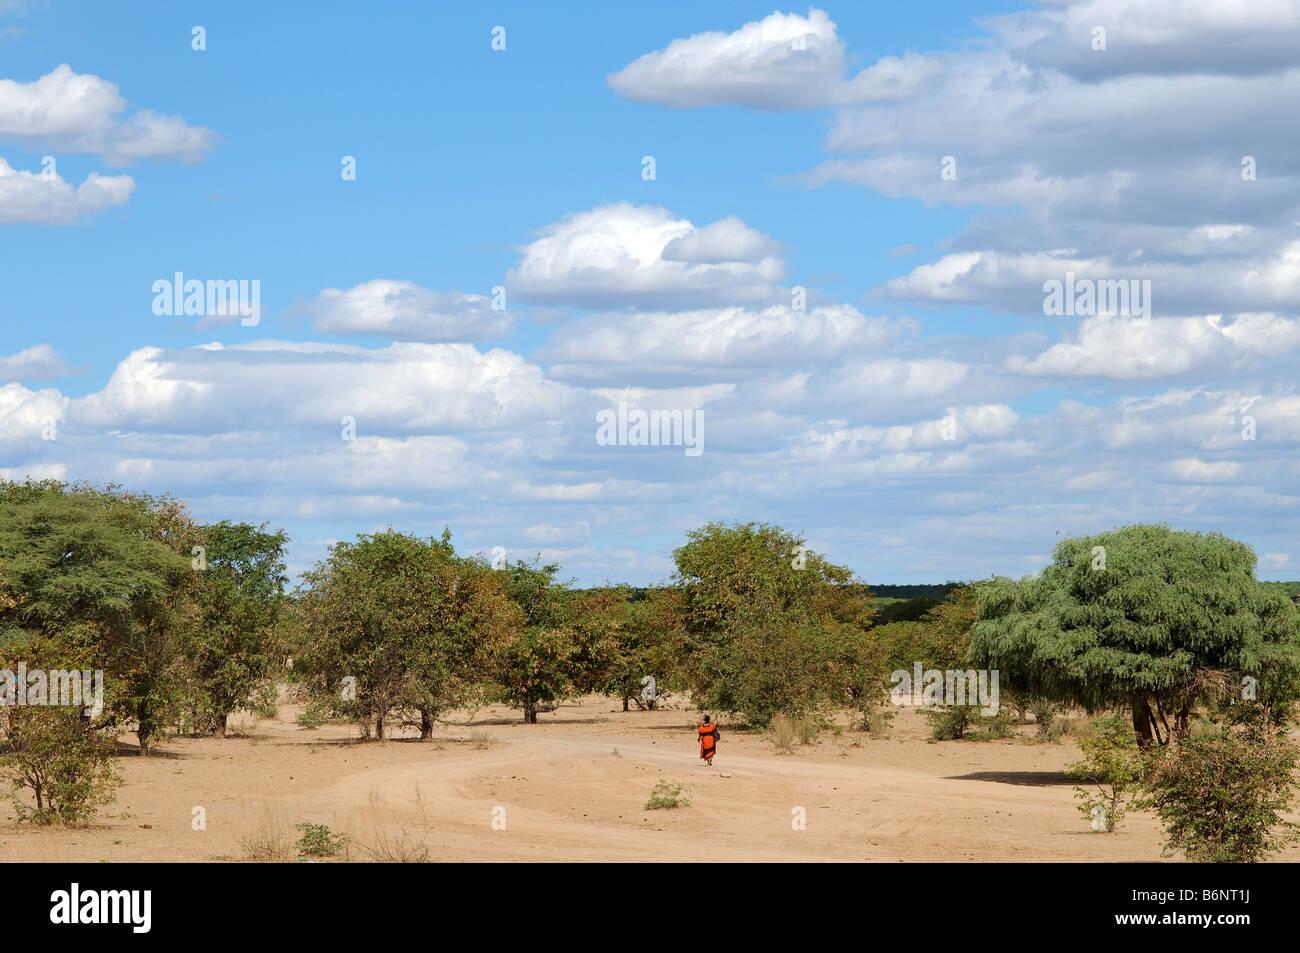 near opuwo namibia - Stock Image